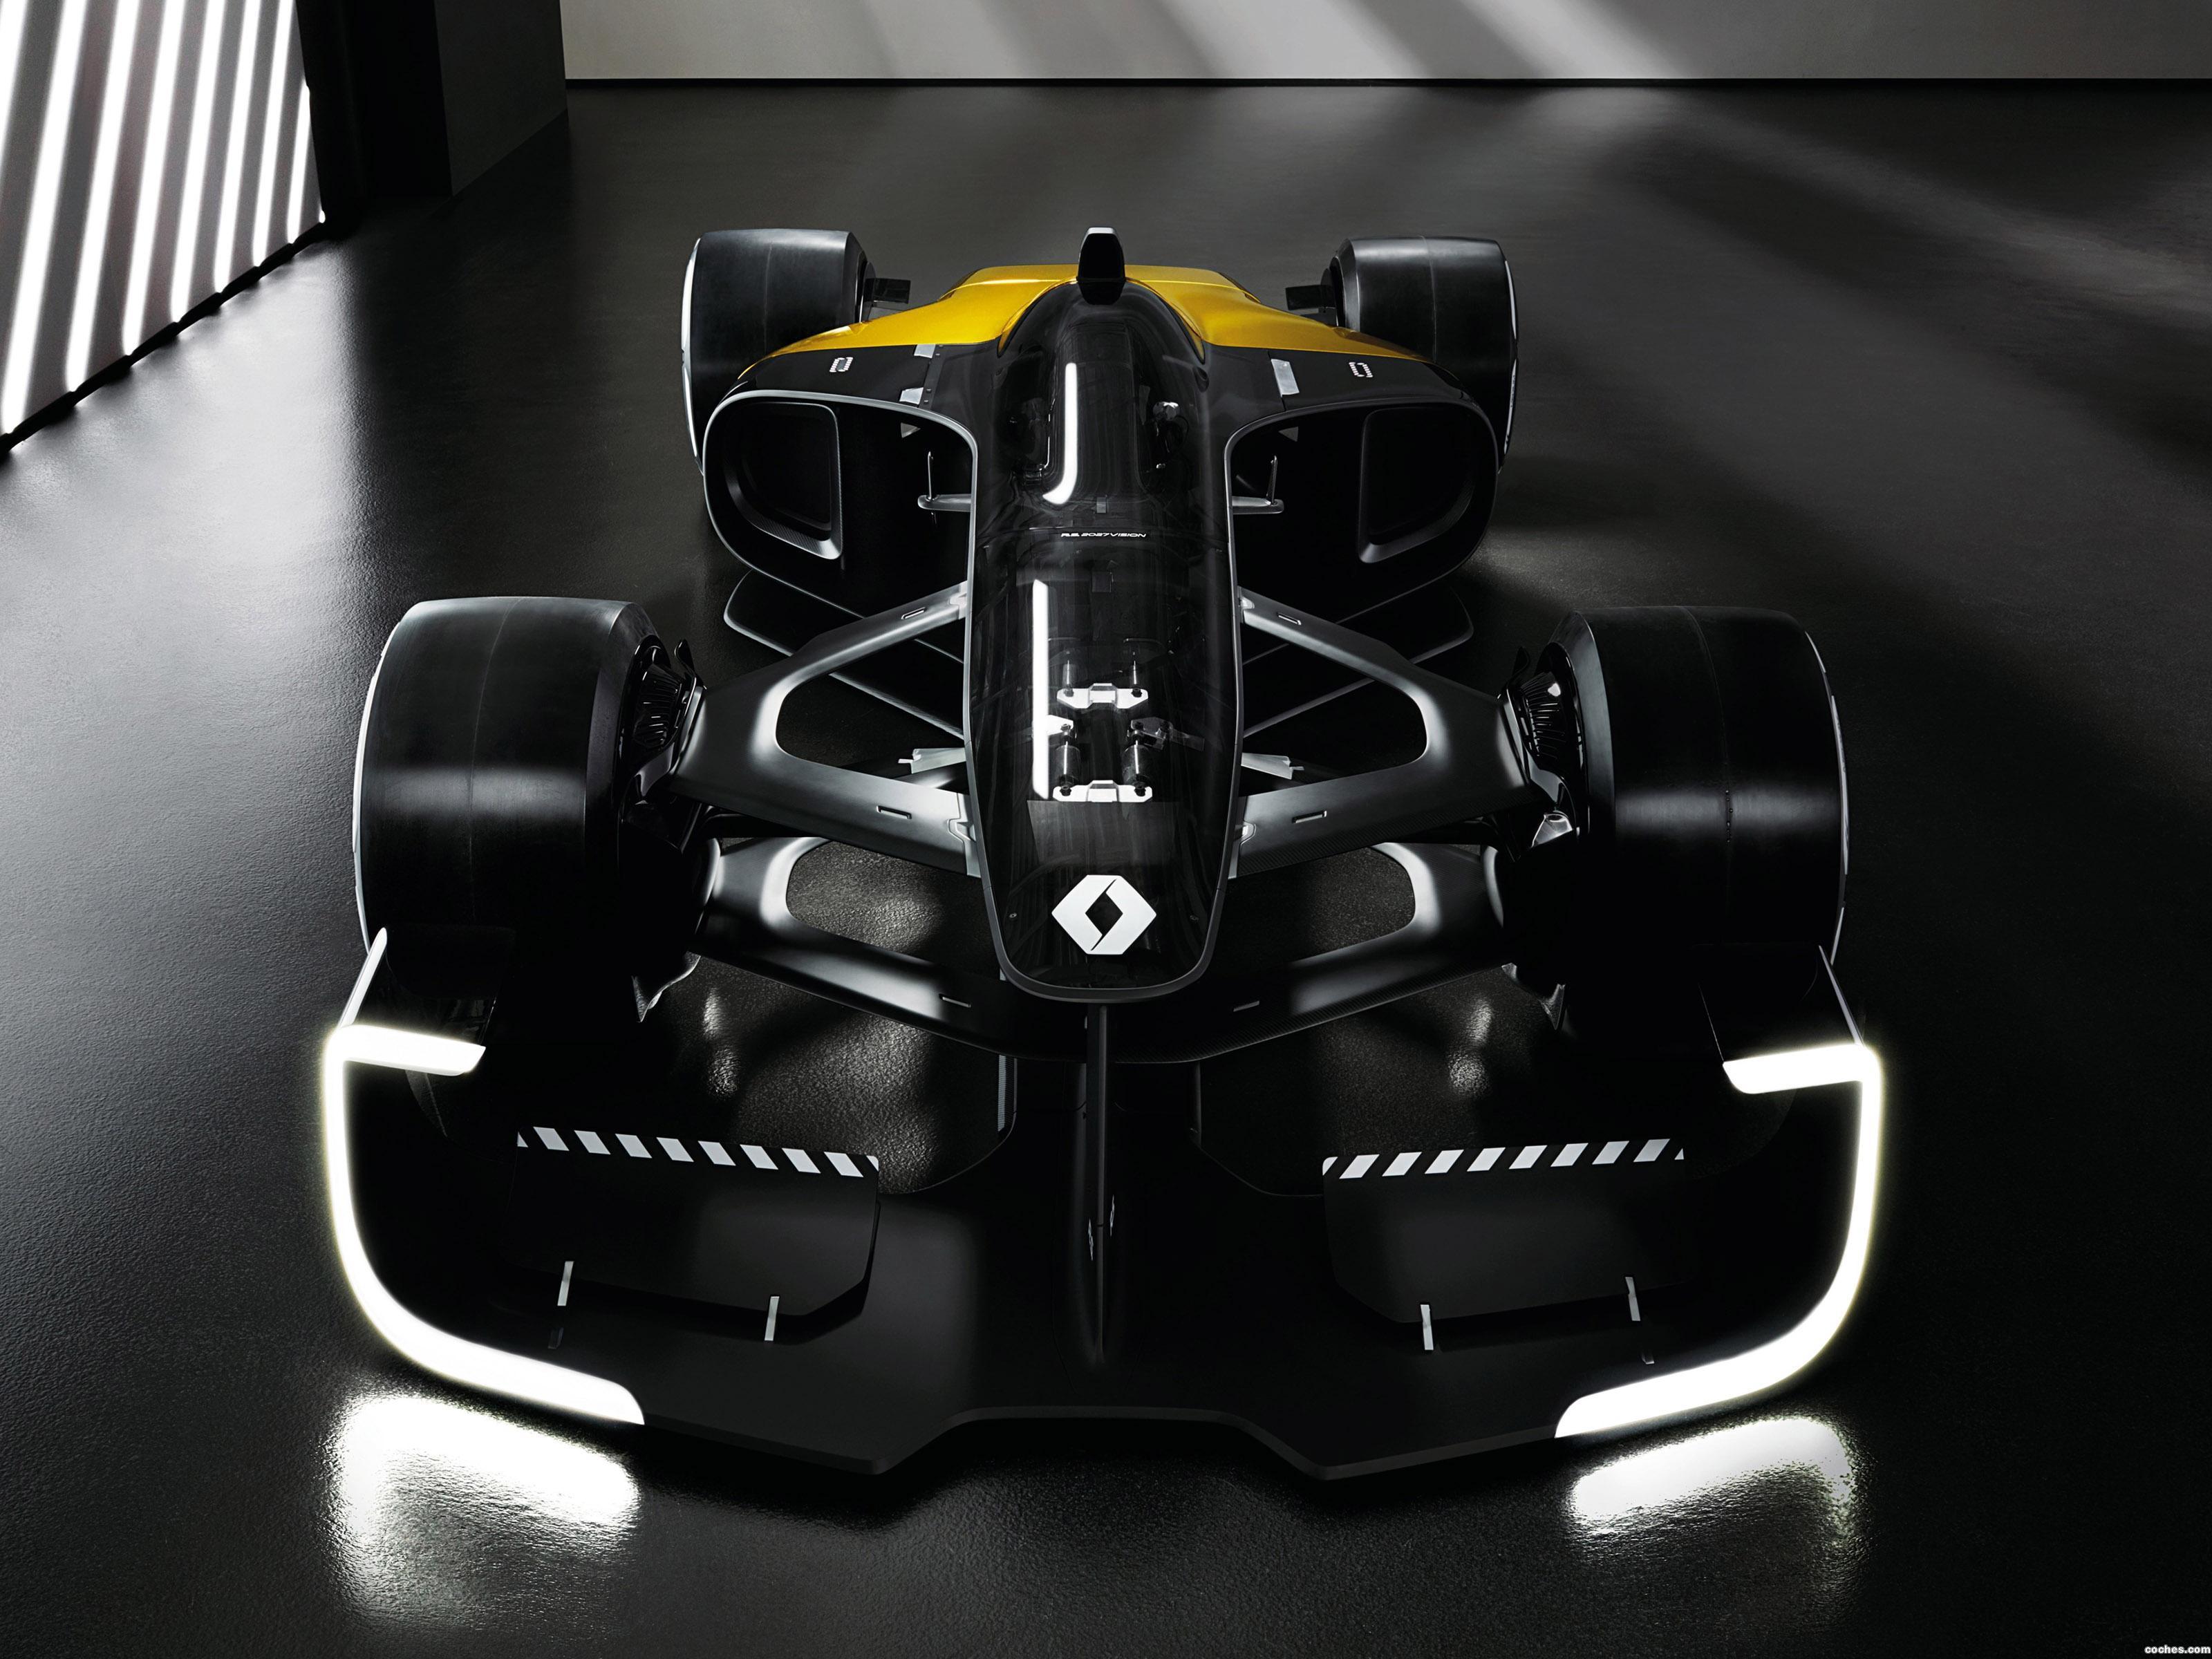 Foto 0 de Renault R.S. 2027 Vision Concept 2017